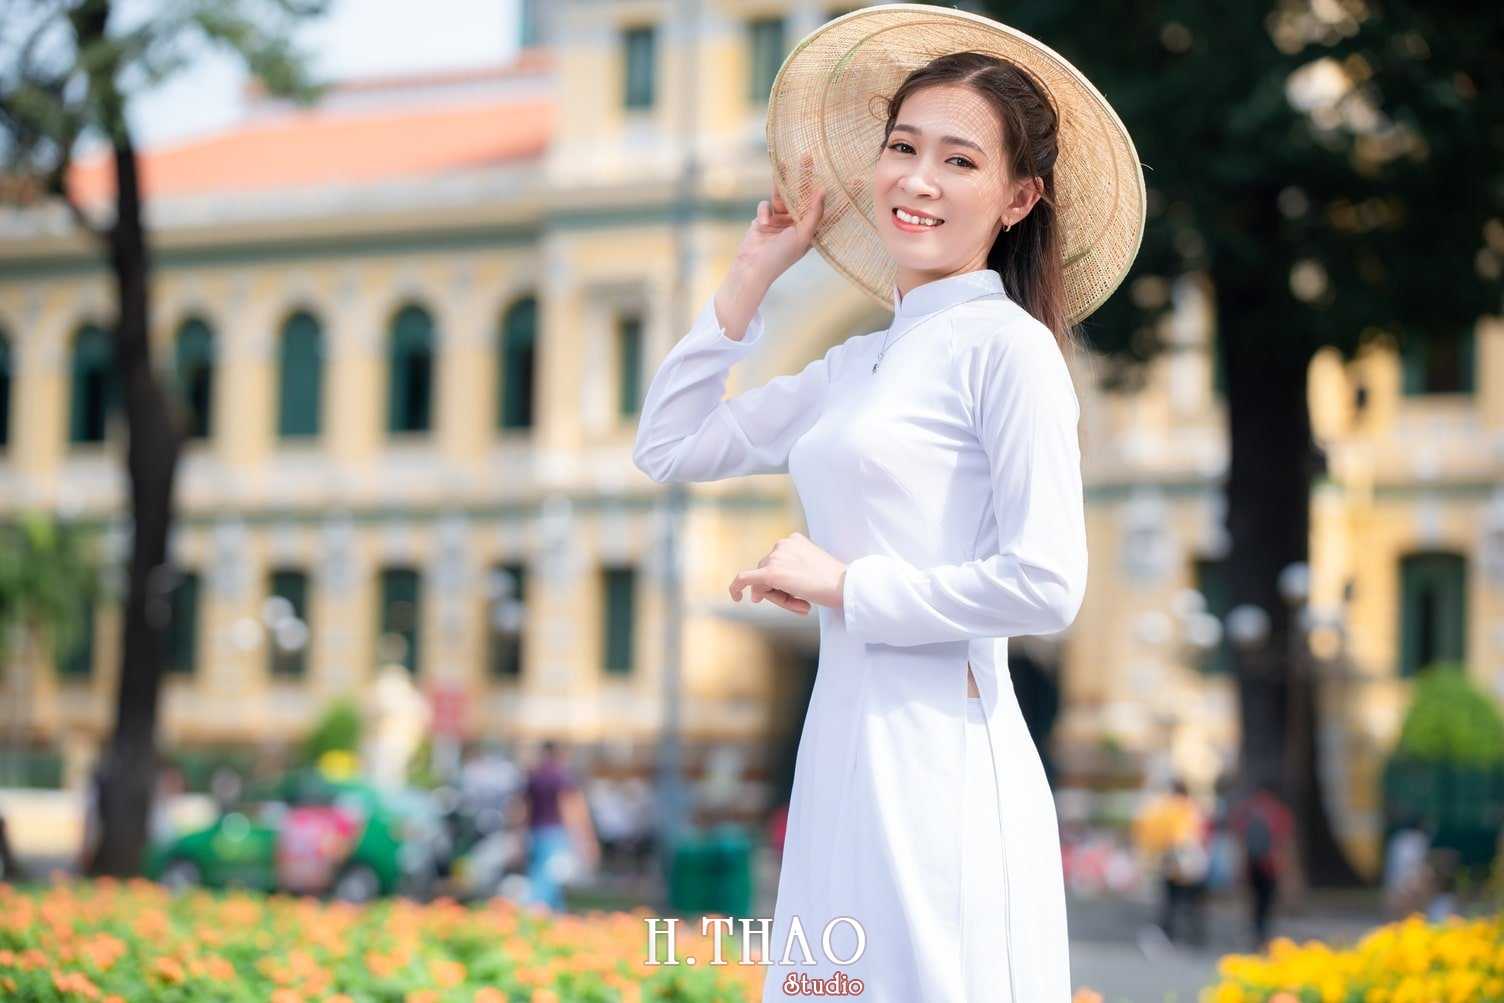 Ao dai nha tho duc ba 6 - Tổng hợp album ảnh áo dài chụp tại nhà thờ Đức Bà - HThao Studio